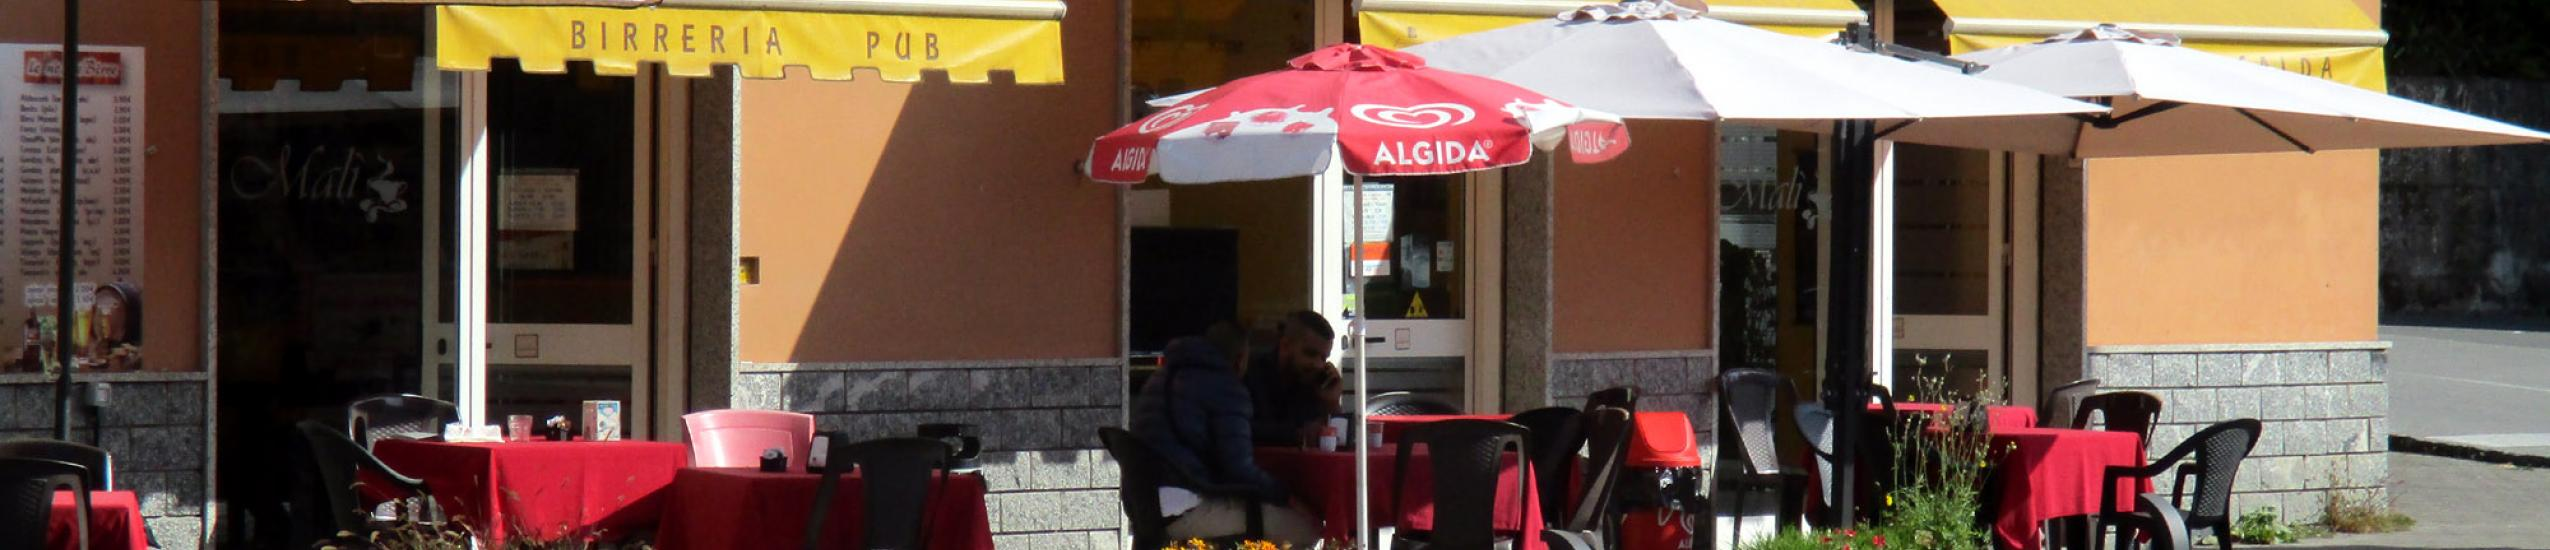 Malì the italian thai coffee bar